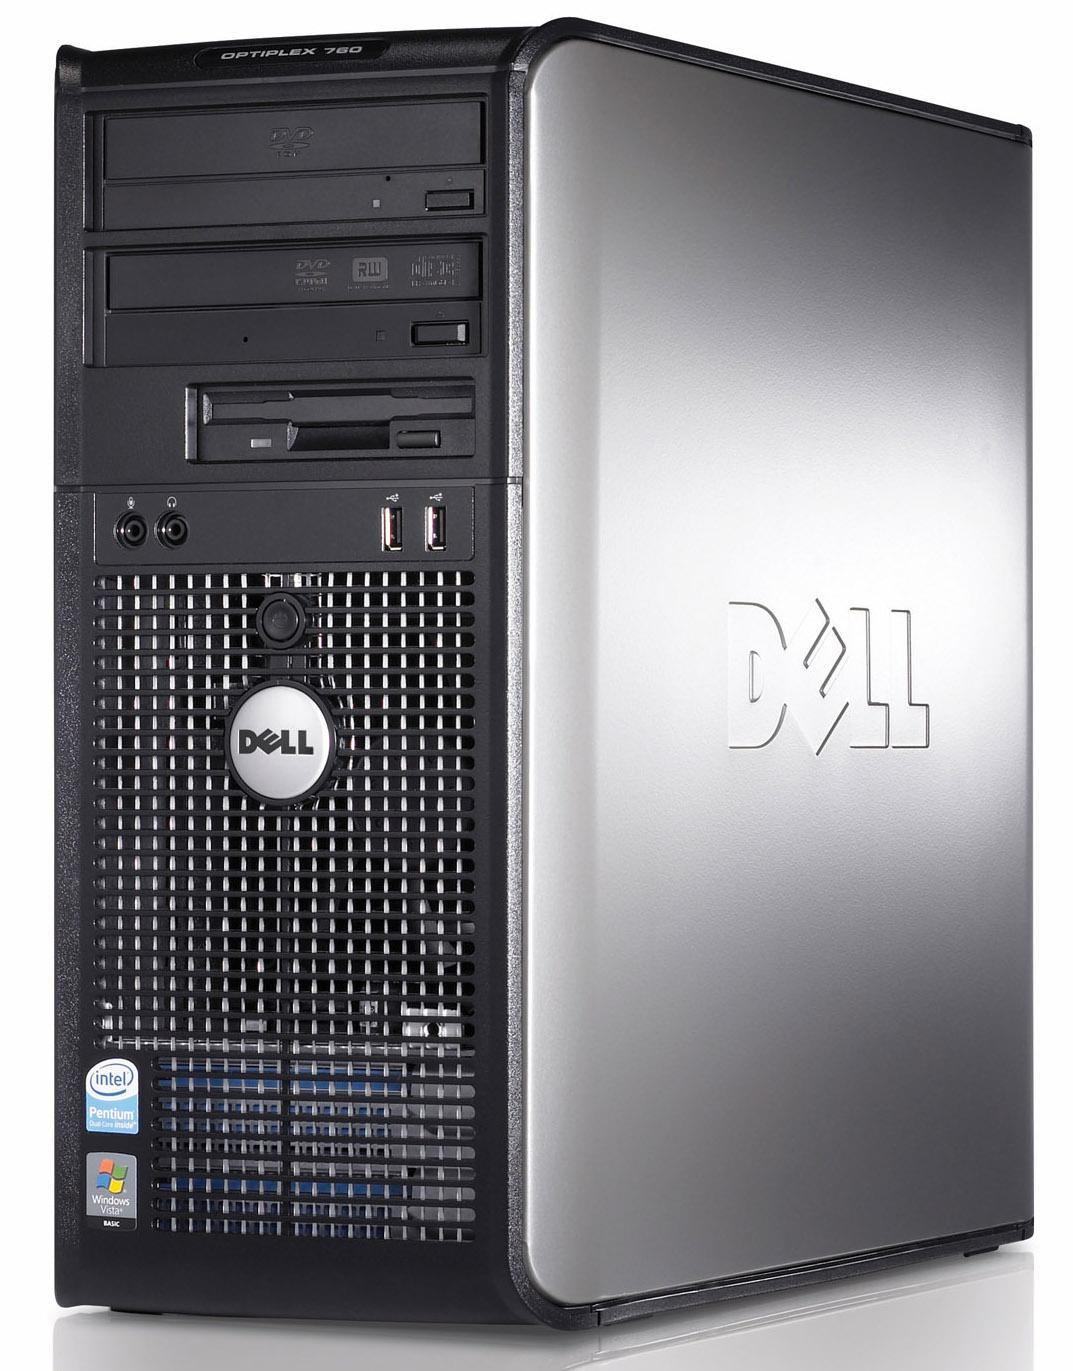 Dell OptiPlex 760MT